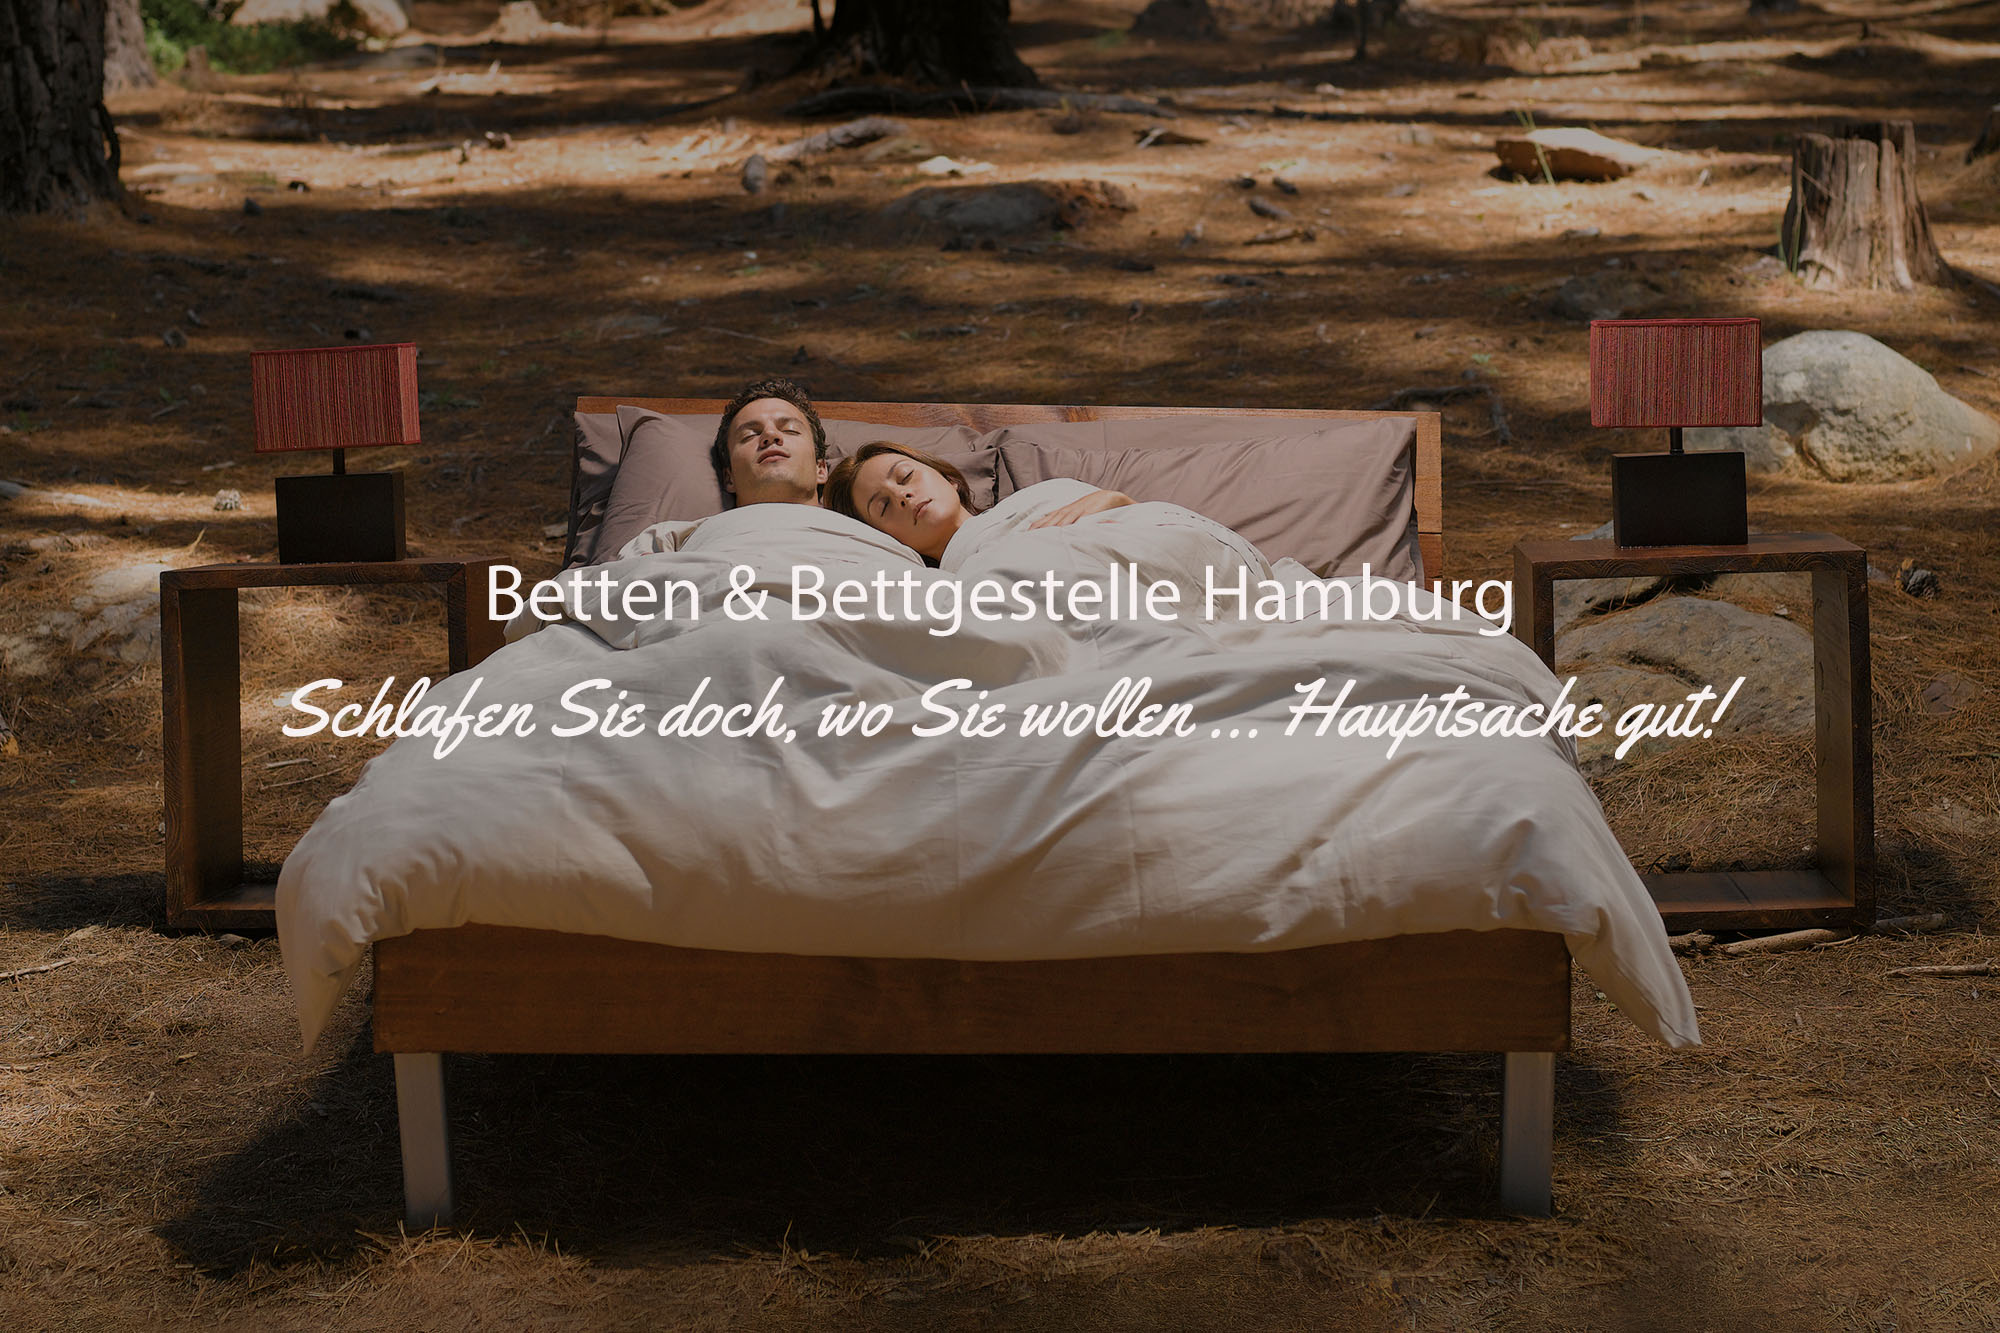 Full Size of Betten Sievers Mbelgeschft In Hamburg Eimsbttel Test Bei Ikea Meise Massivholz Paradies Für Teenager 140x200 Weiß 90x200 Weiße Joop Günstige 180x200 Team 7 Bett Betten Hamburg